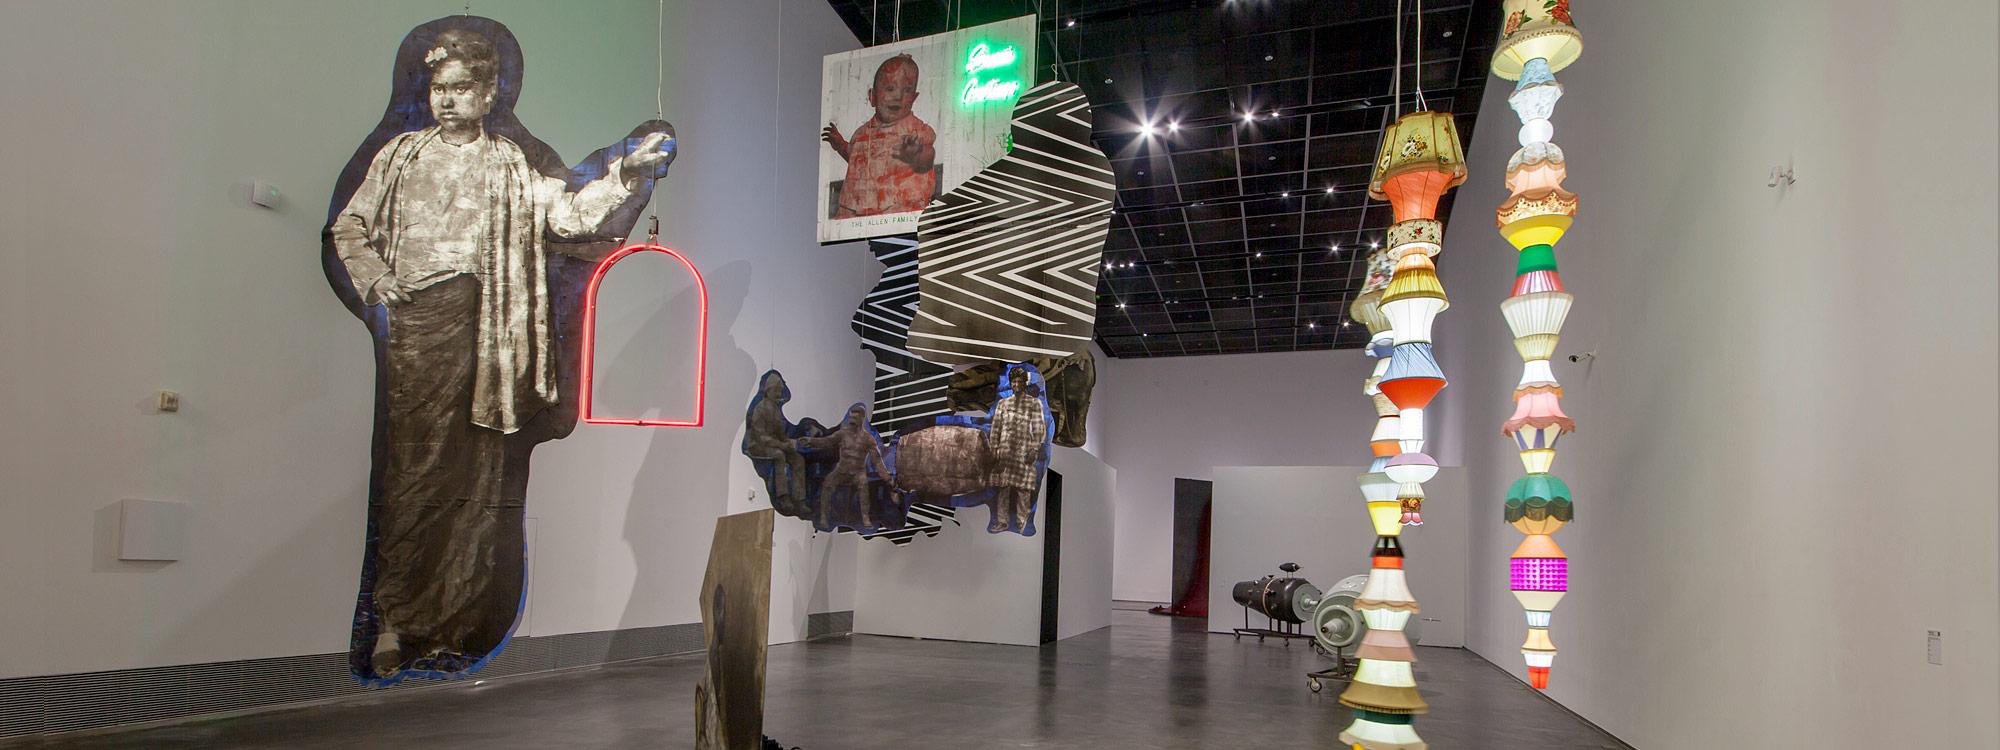 Yinchuan Biennale 2016 - Fototour